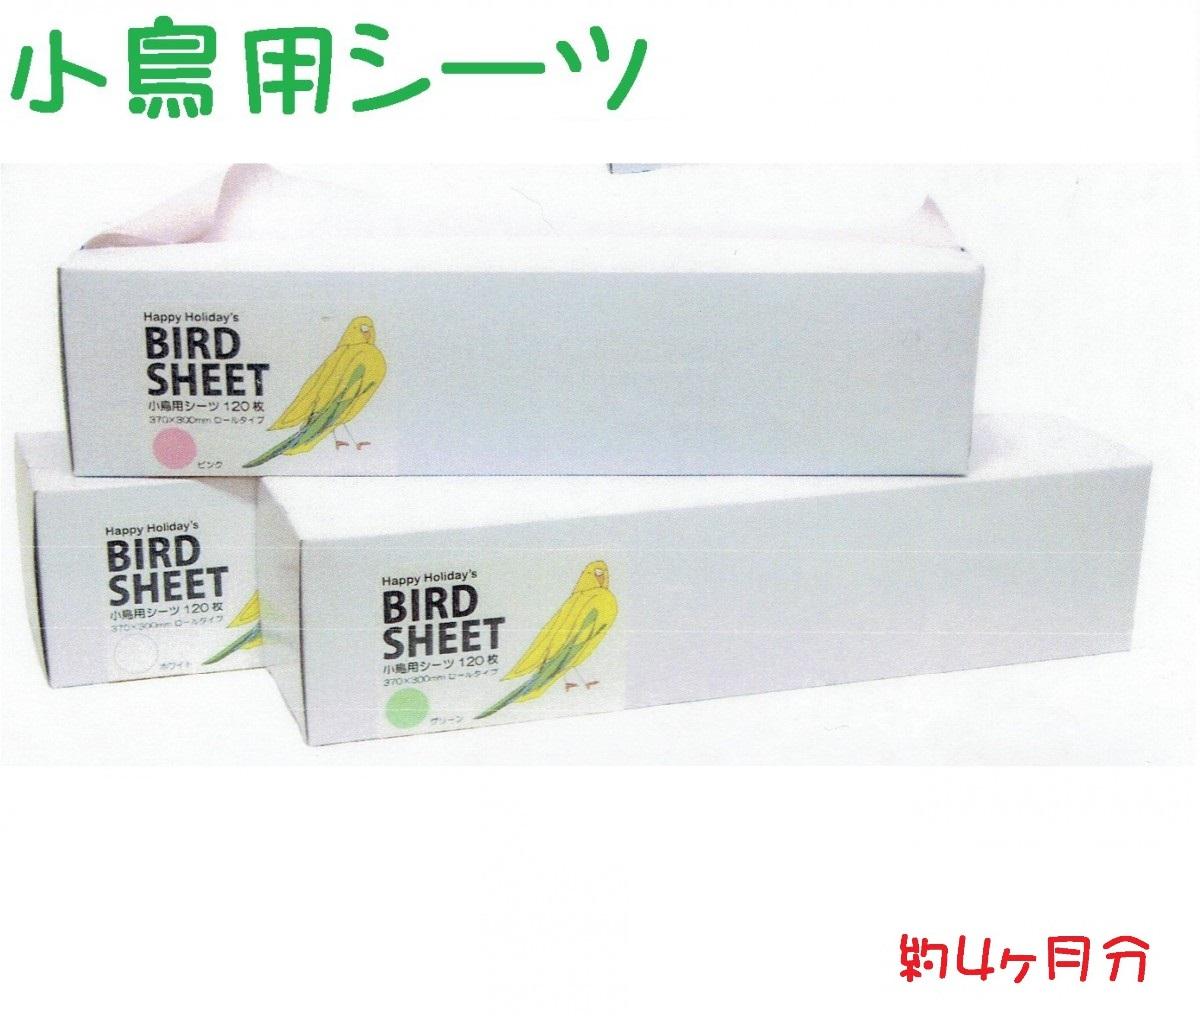 直営店 送料無料 小鳥用鳥かごシーツ クリアランスsale 期間限定 グリーン